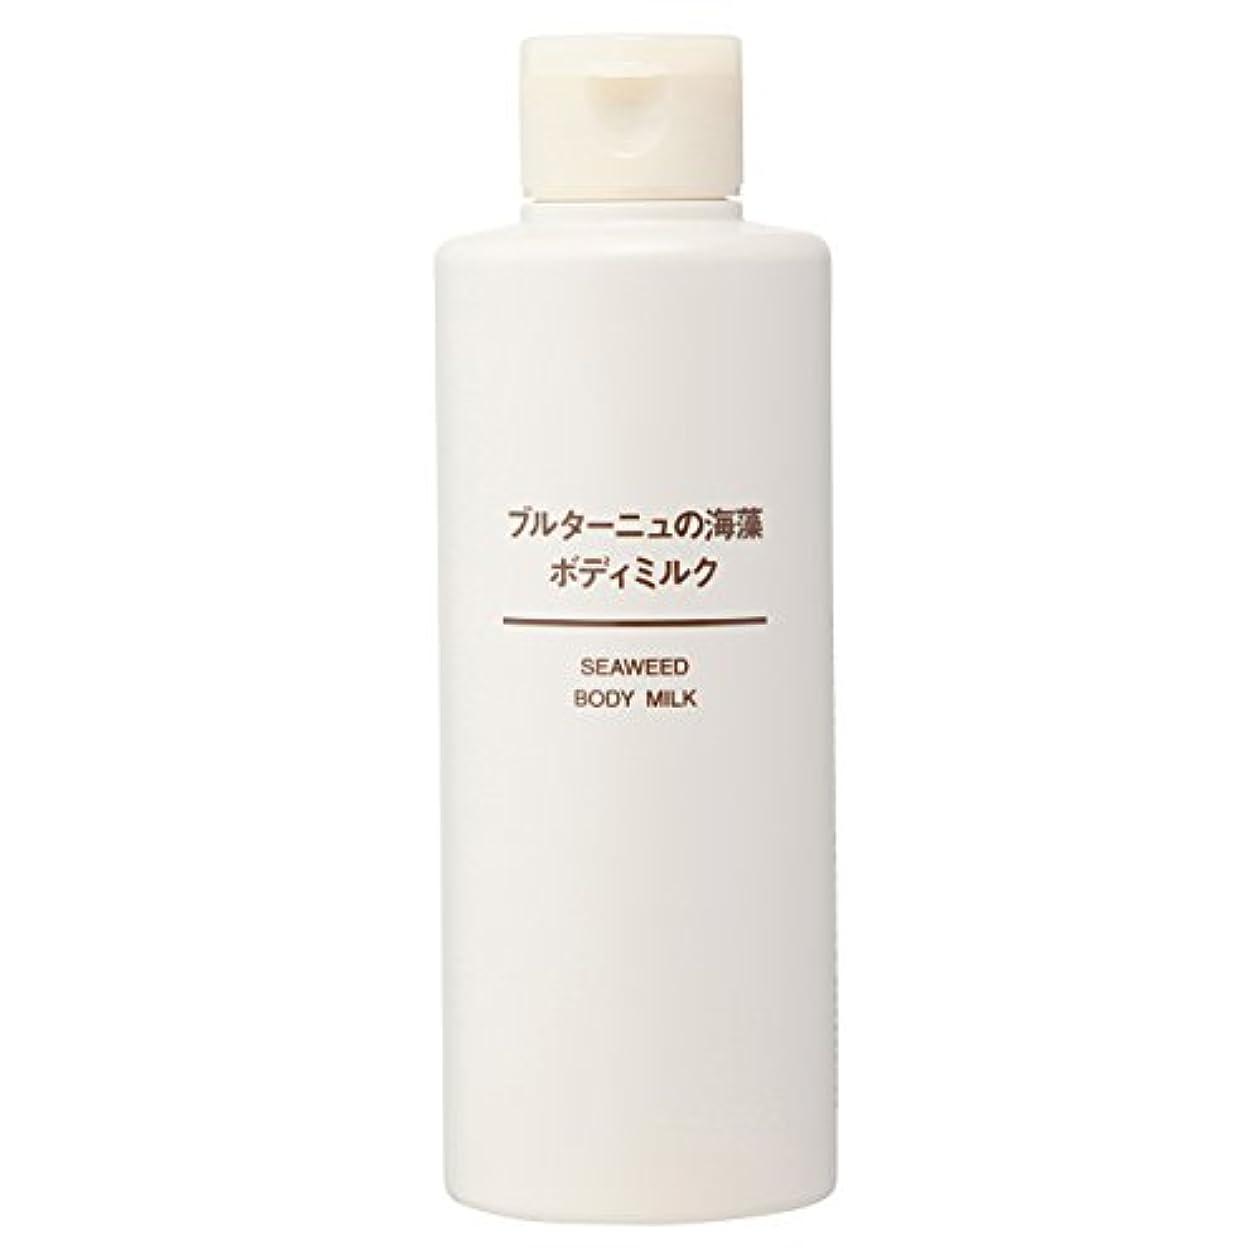 忠実に共産主義なめらかな無印良品 ブルターニュの海藻 ボディミルク 200ml 日本製